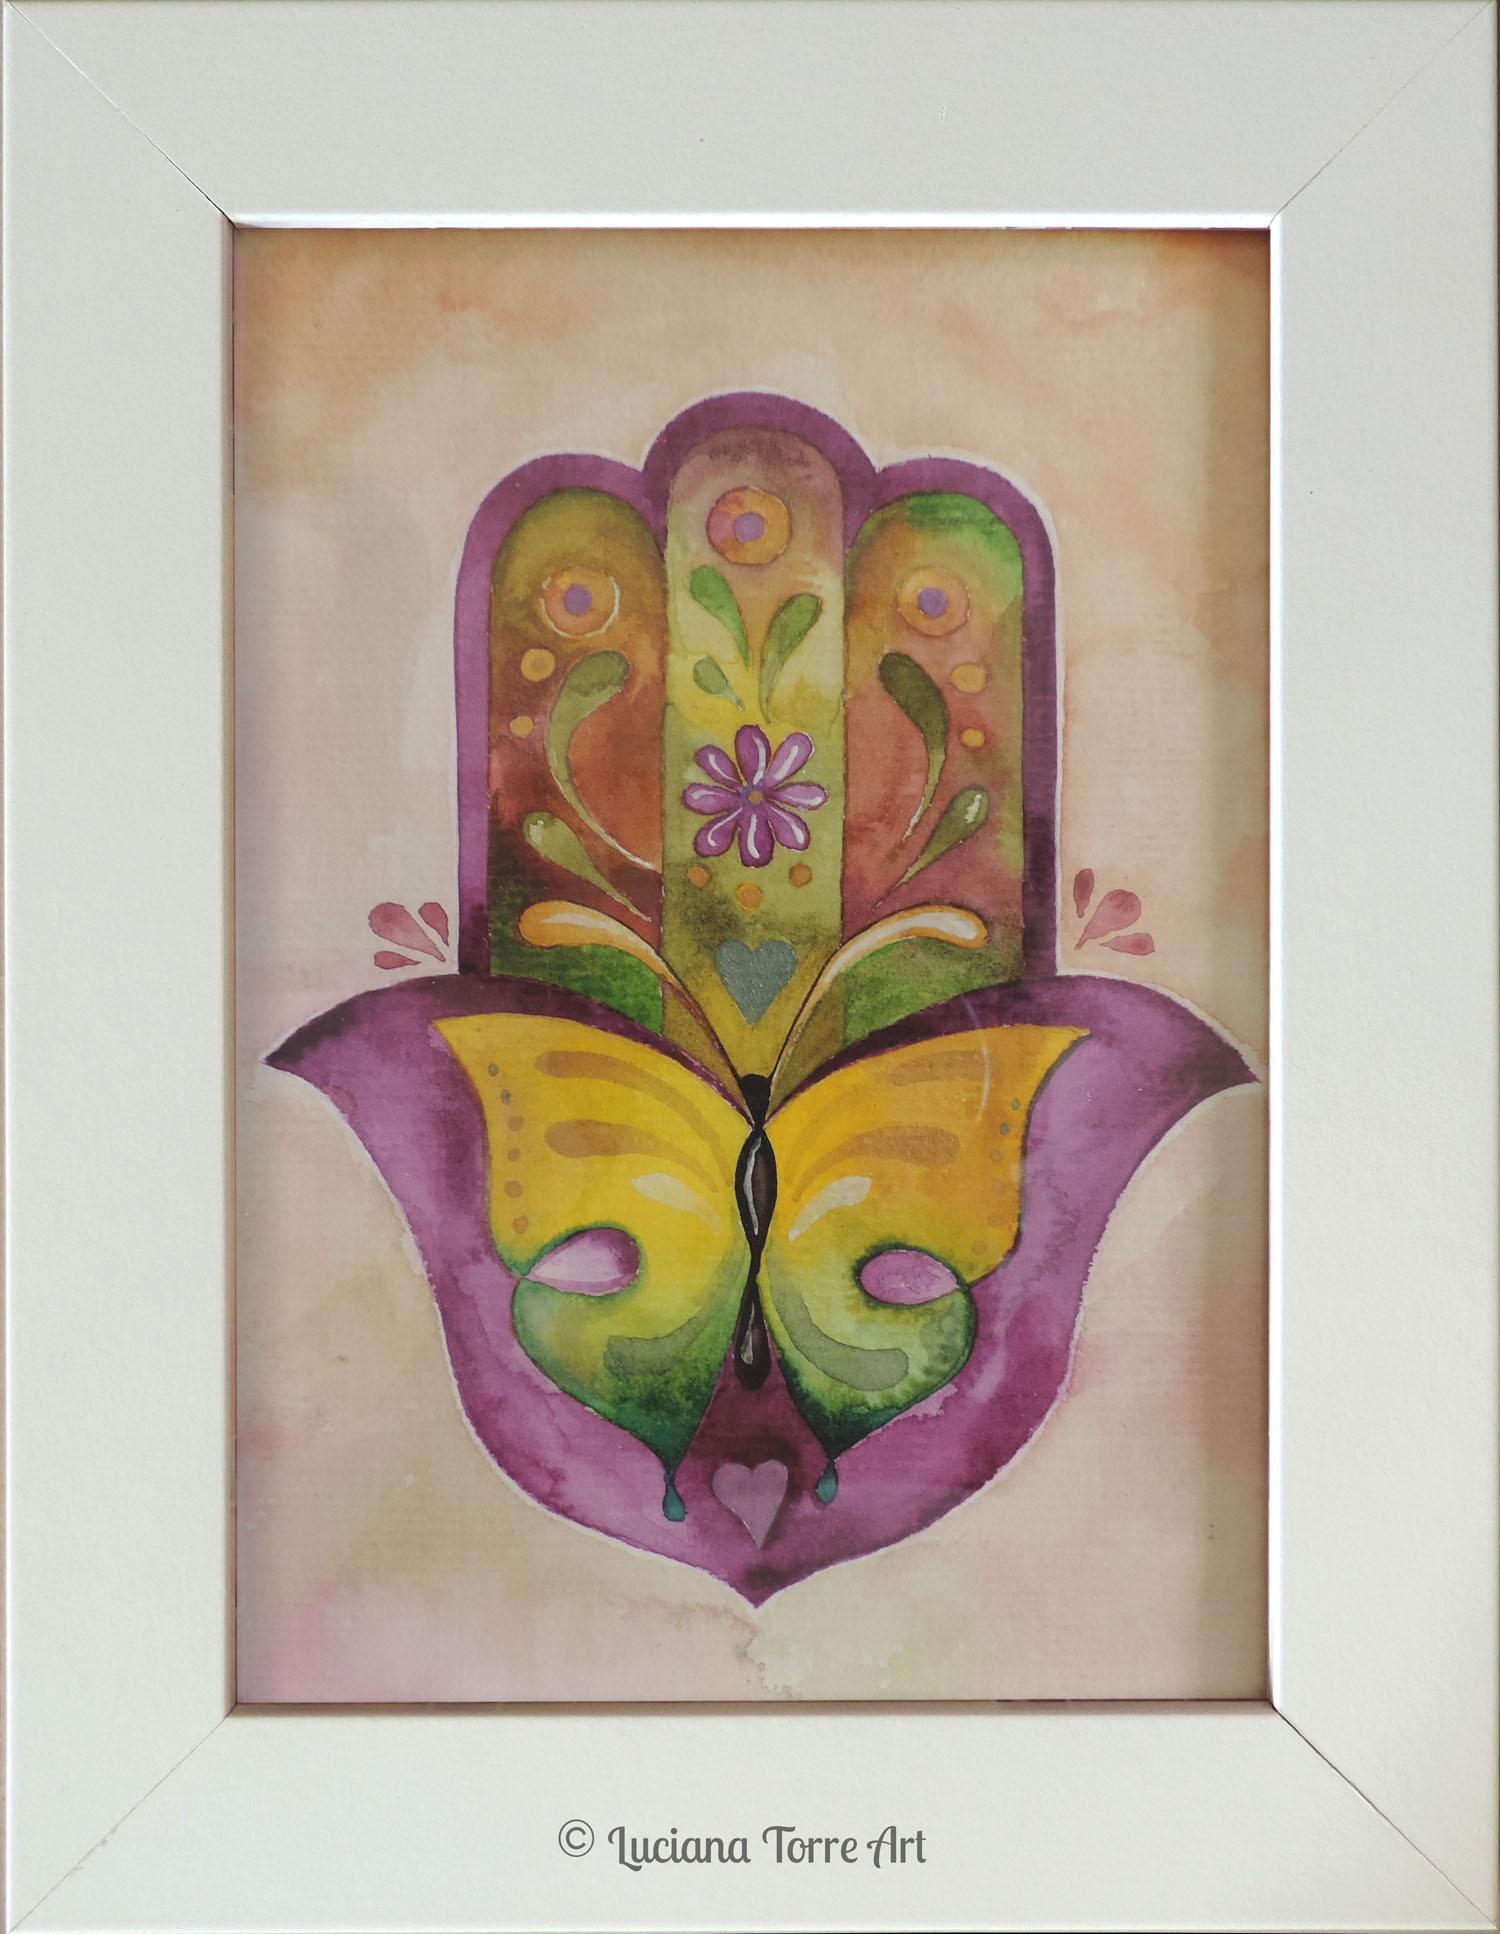 ✤ Mano de Fatima con flores y mariposa ✤ Opera unica dipinta con acquerelli artigianali e pigmenti metallizzati. Cornice con possibilità di essere appoggiata oppure appesa e plastica protettiva. Acquerello dipinto a mano su carta ecologica 300g. Misure: 17 x 22 cm. ✤ 16€ ✤ #lucianatorre #illustratorsforhire #artlicensing #artforproducts #hamsahand #manodefatima #flowerywatercolour #homedecor #butterfly #flowerillustration #bohostyle